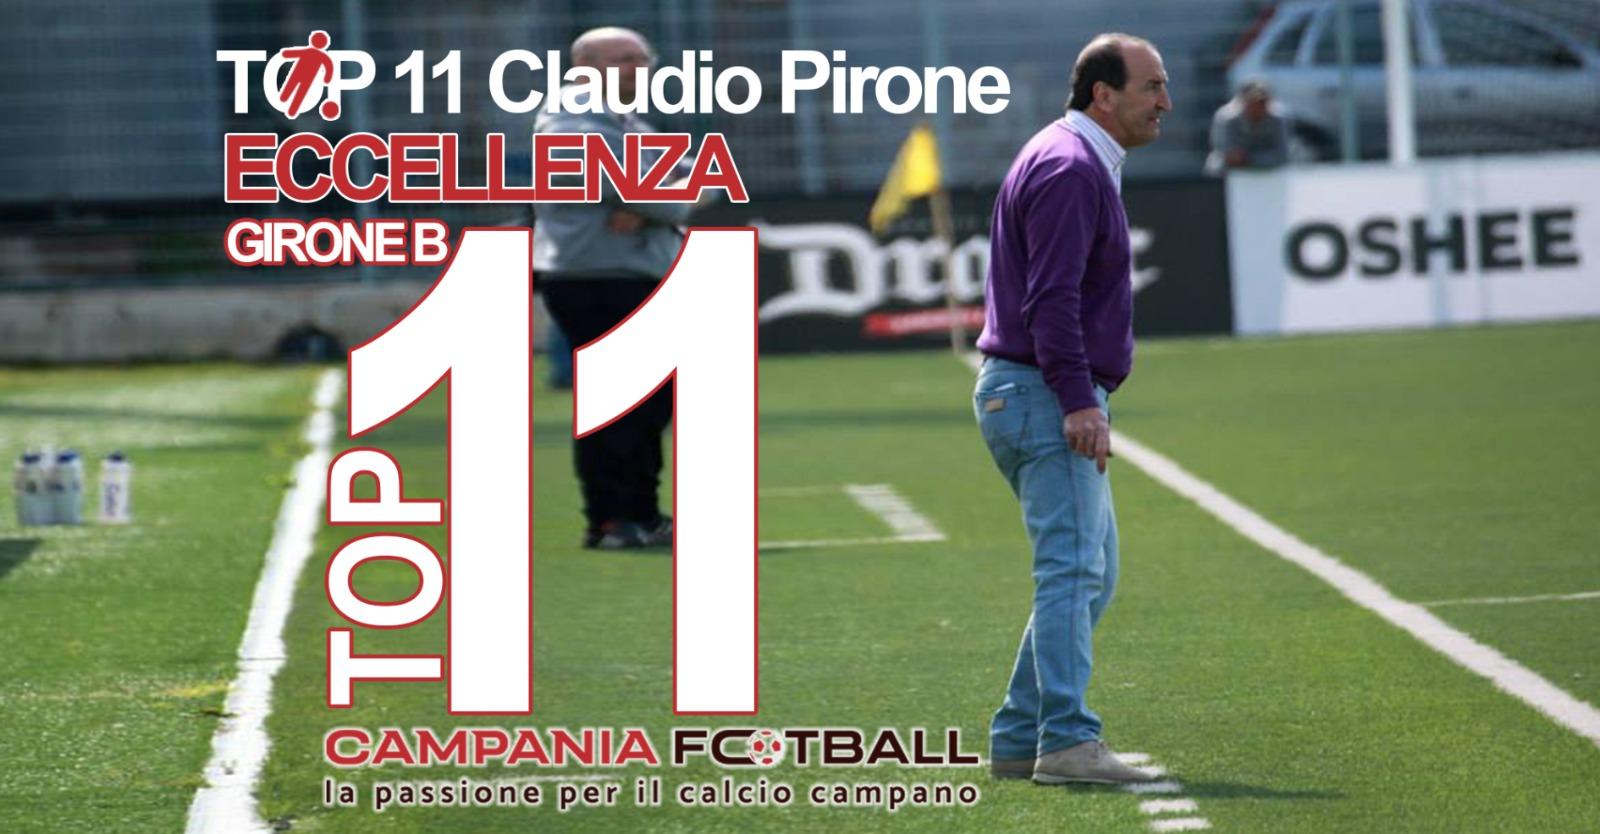 Top 11 Eccellenza Girone B: Claudio Pirone nella 17ª giornata premia…